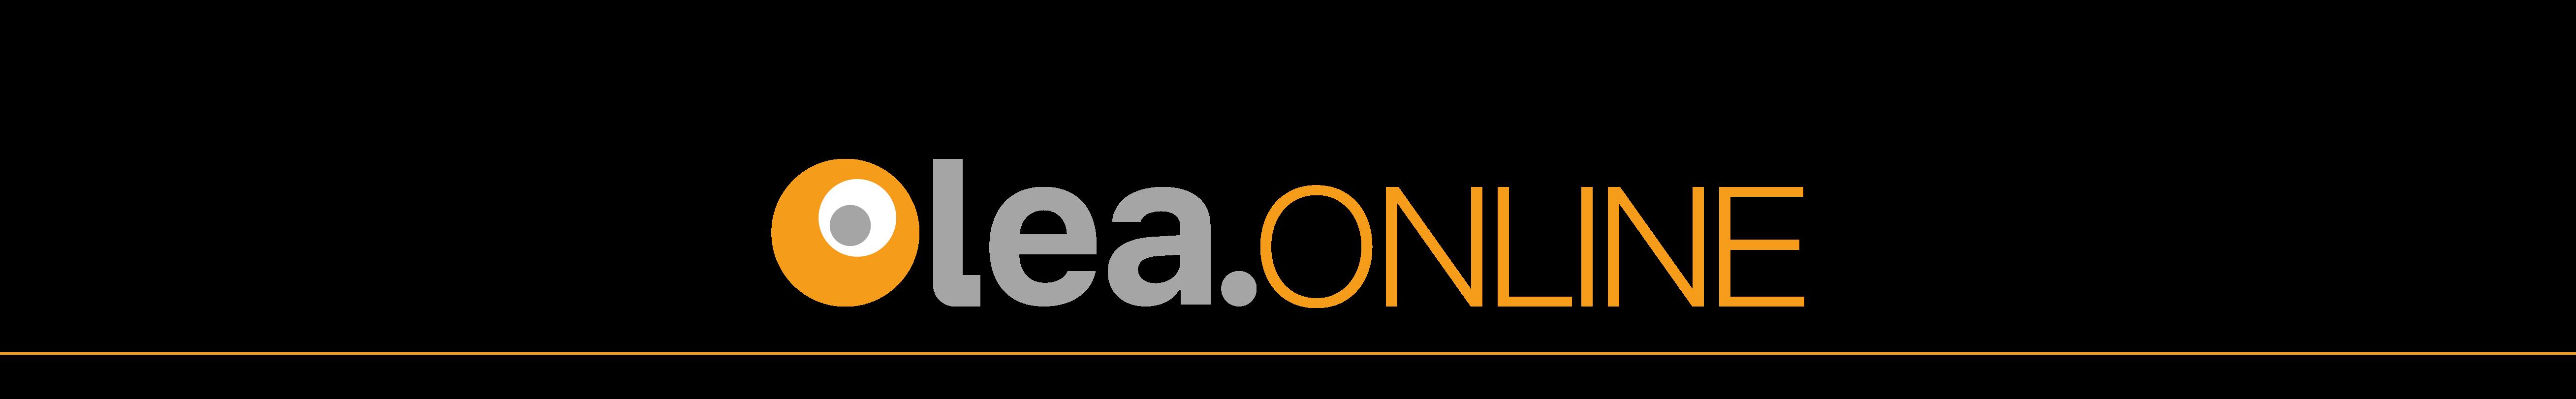 lea.online